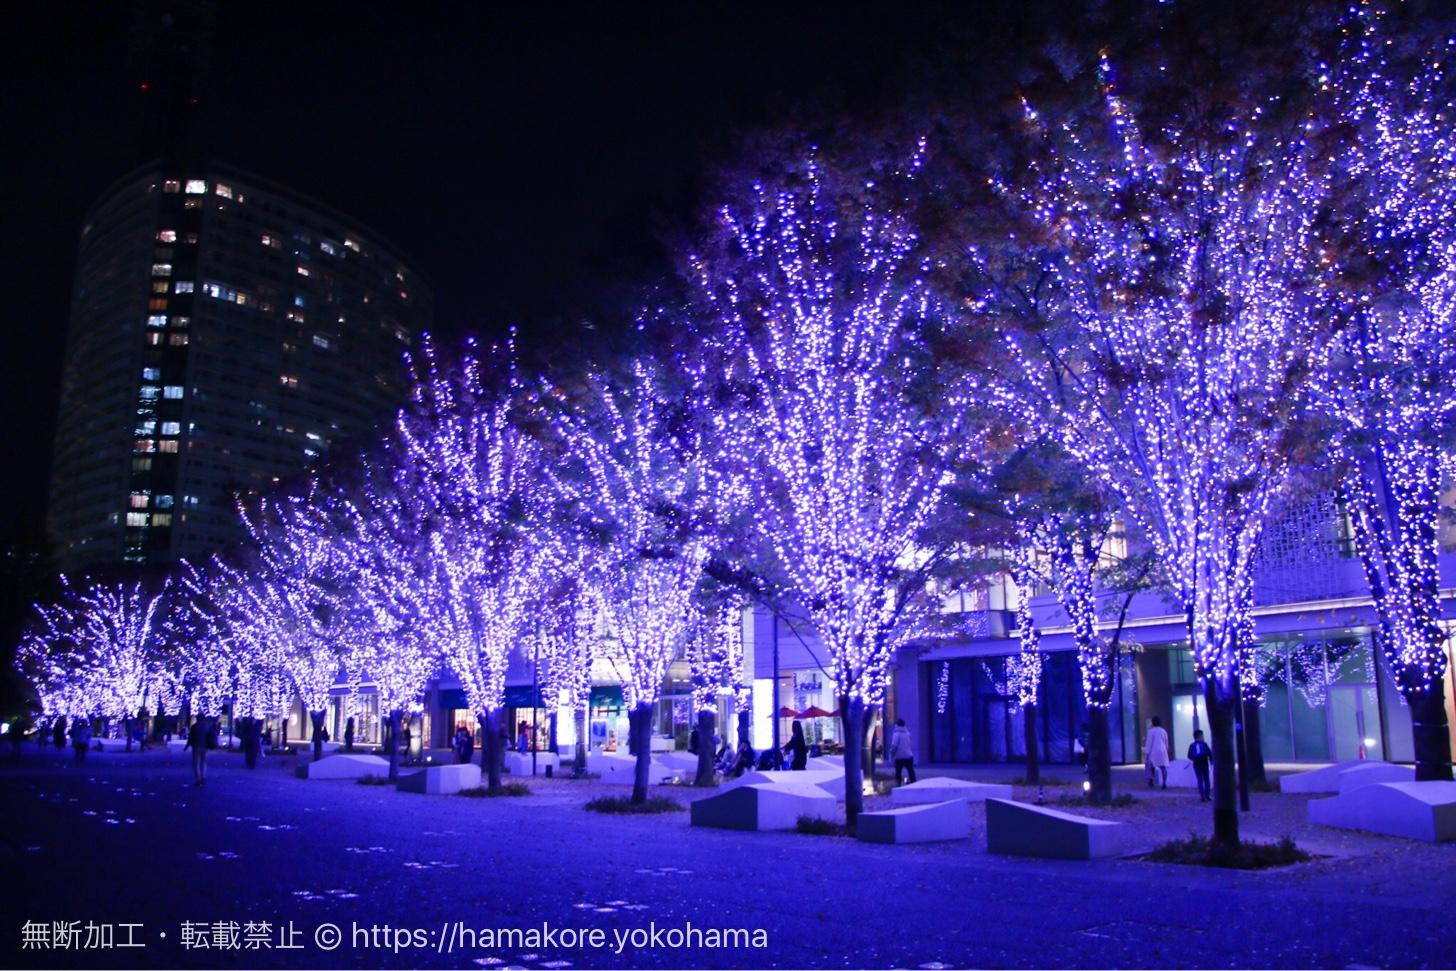 2017年 グランモール公園のクリスマスイルミネーション 規模拡大でケヤキ並木の美しい光景が広がる